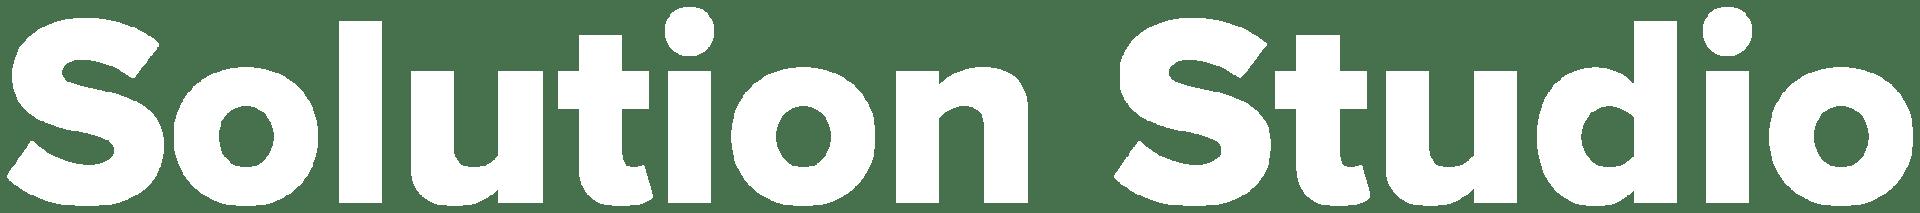 Solution-studio — Digital-агентство полного цикла: дизайн, разработка, контекстная реклама | Ставрополь